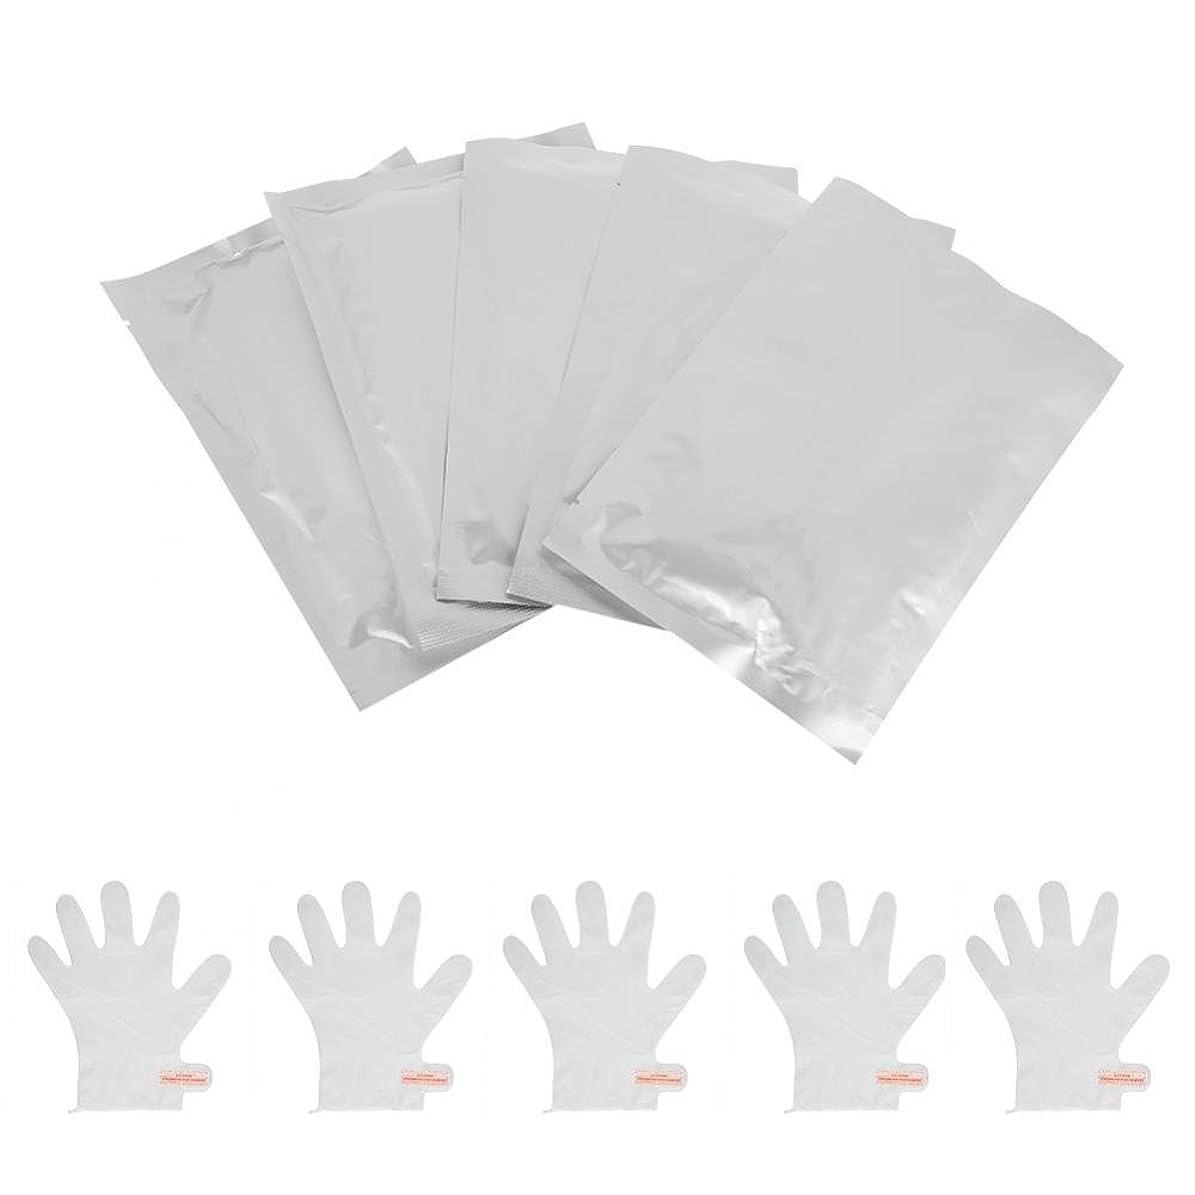 鮫パフデッキOchun ハンドマスク ハンドパック しっとり 保湿ケア 手荒れを防ぐ 乾燥の季節に適用 手袋のようにはめるだけ 10枚セット